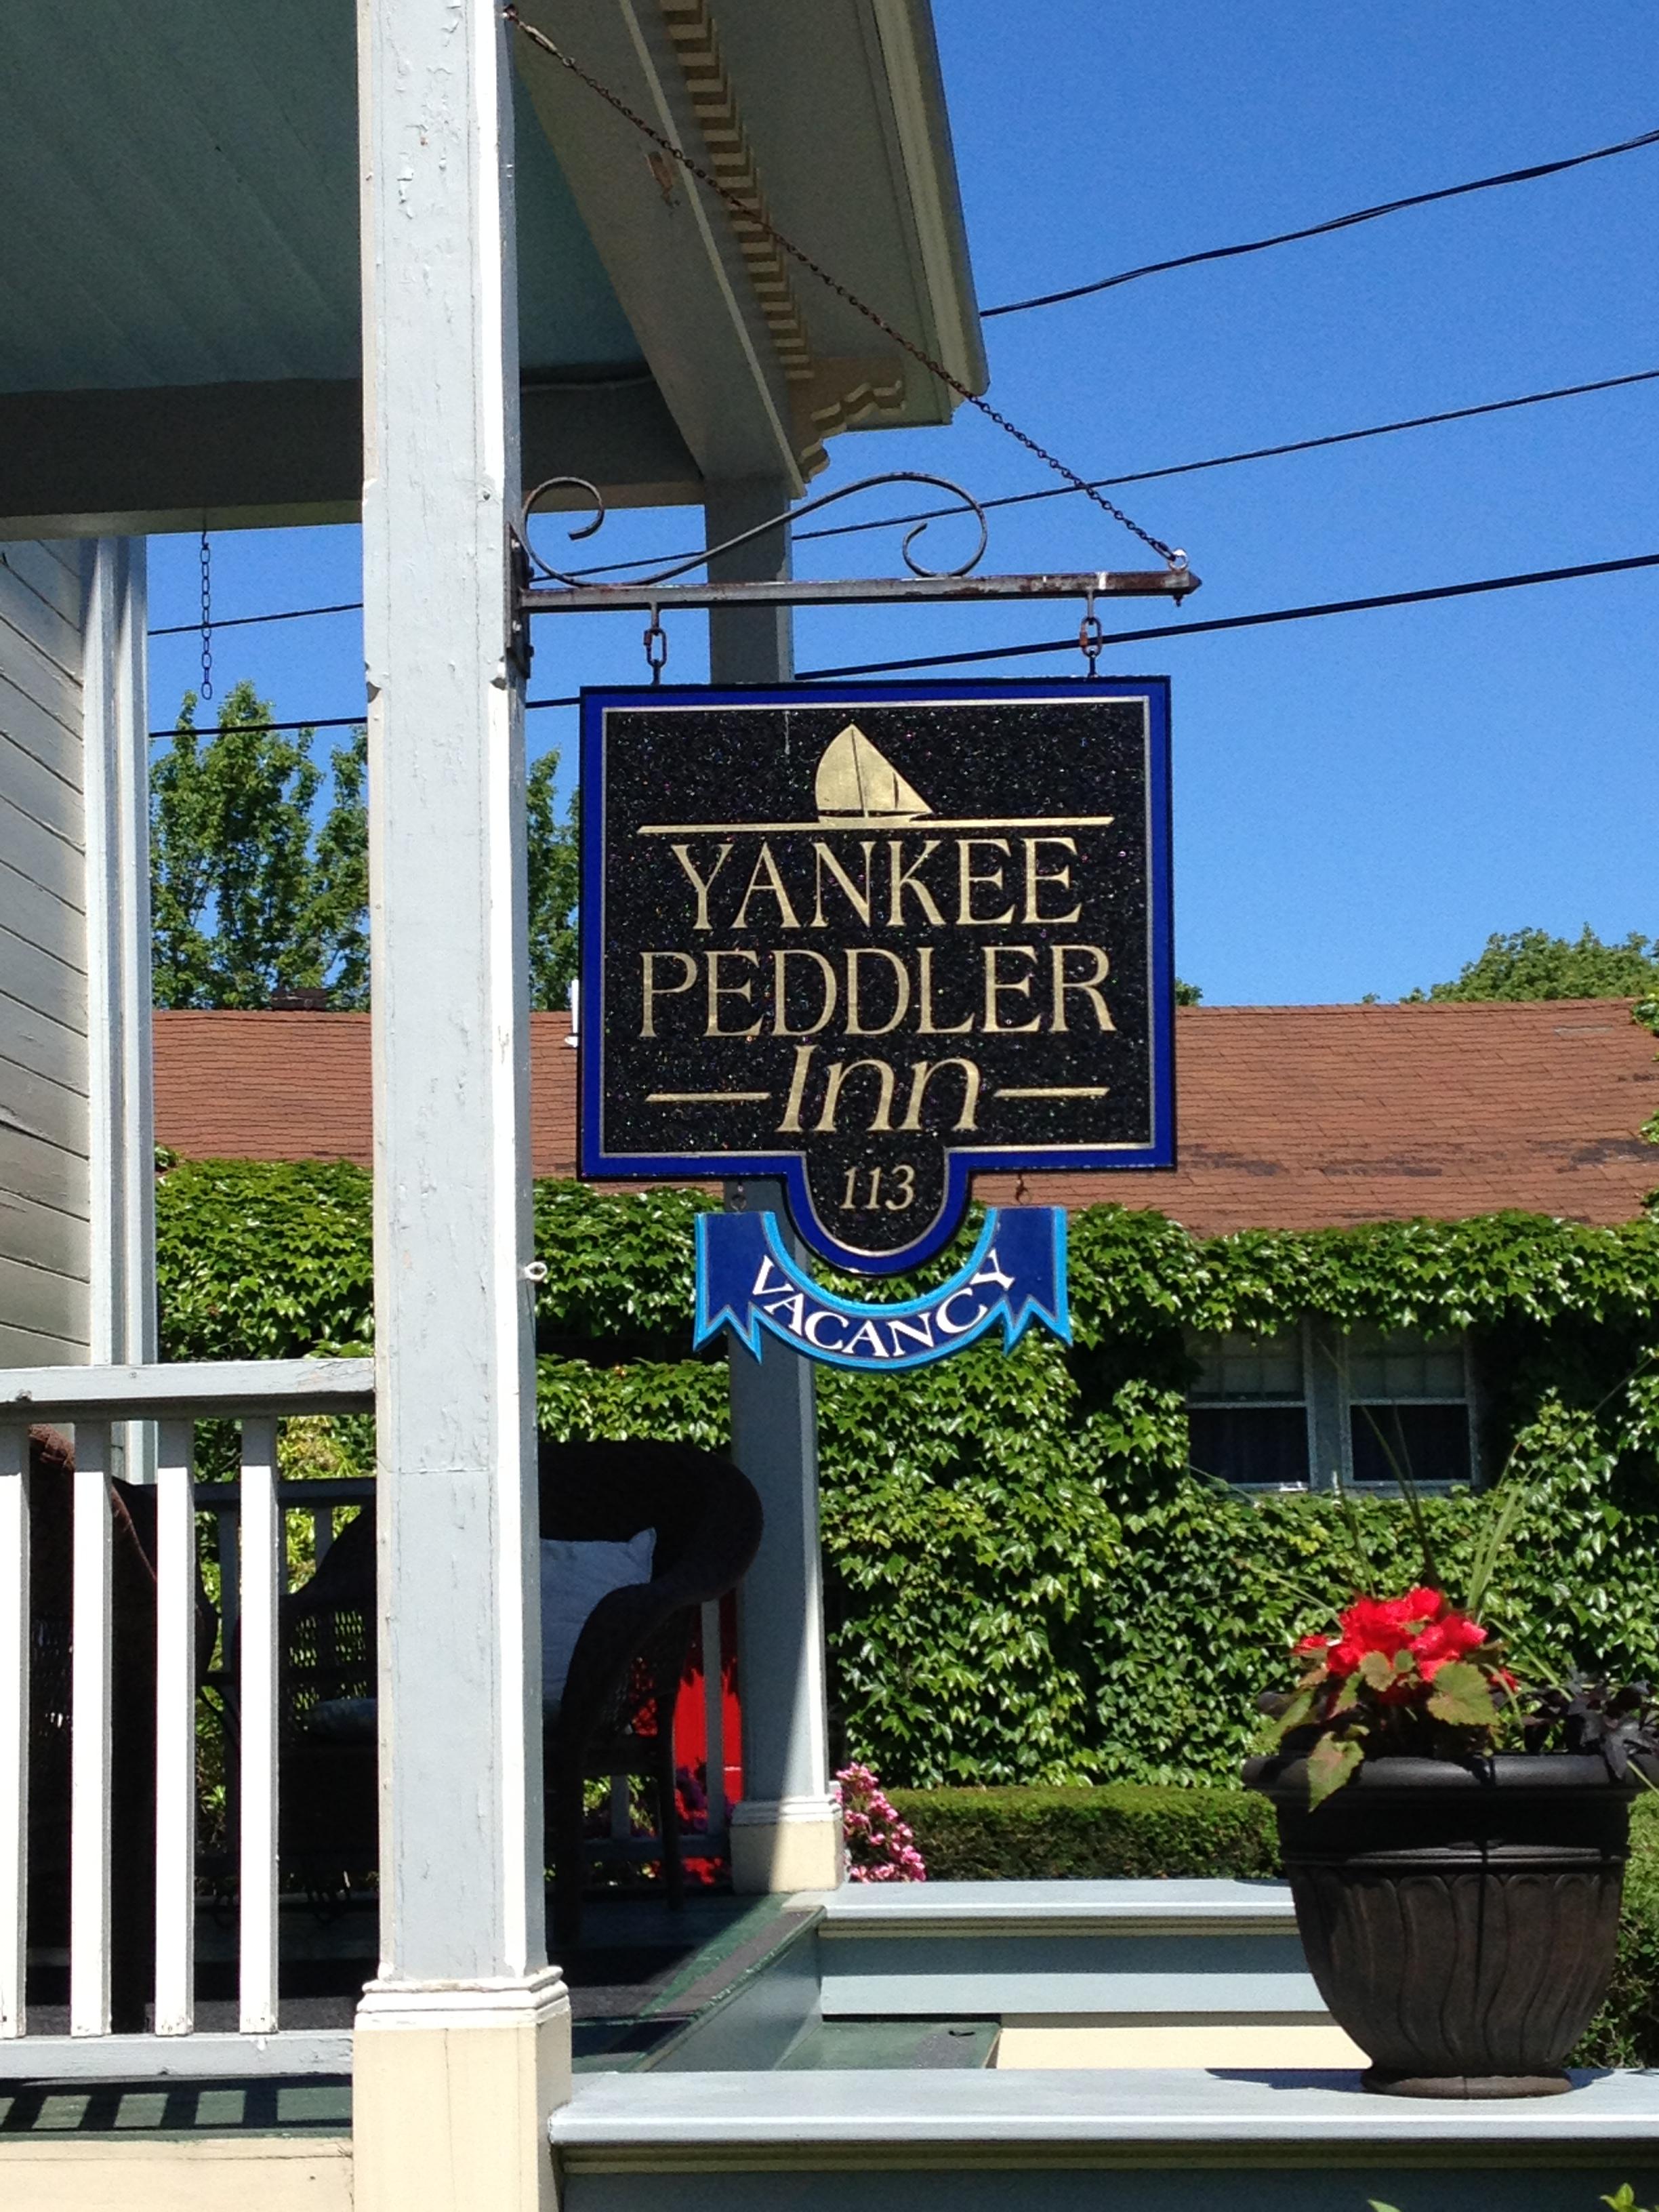 Yankee-Peddler-Inn-sign.jpg